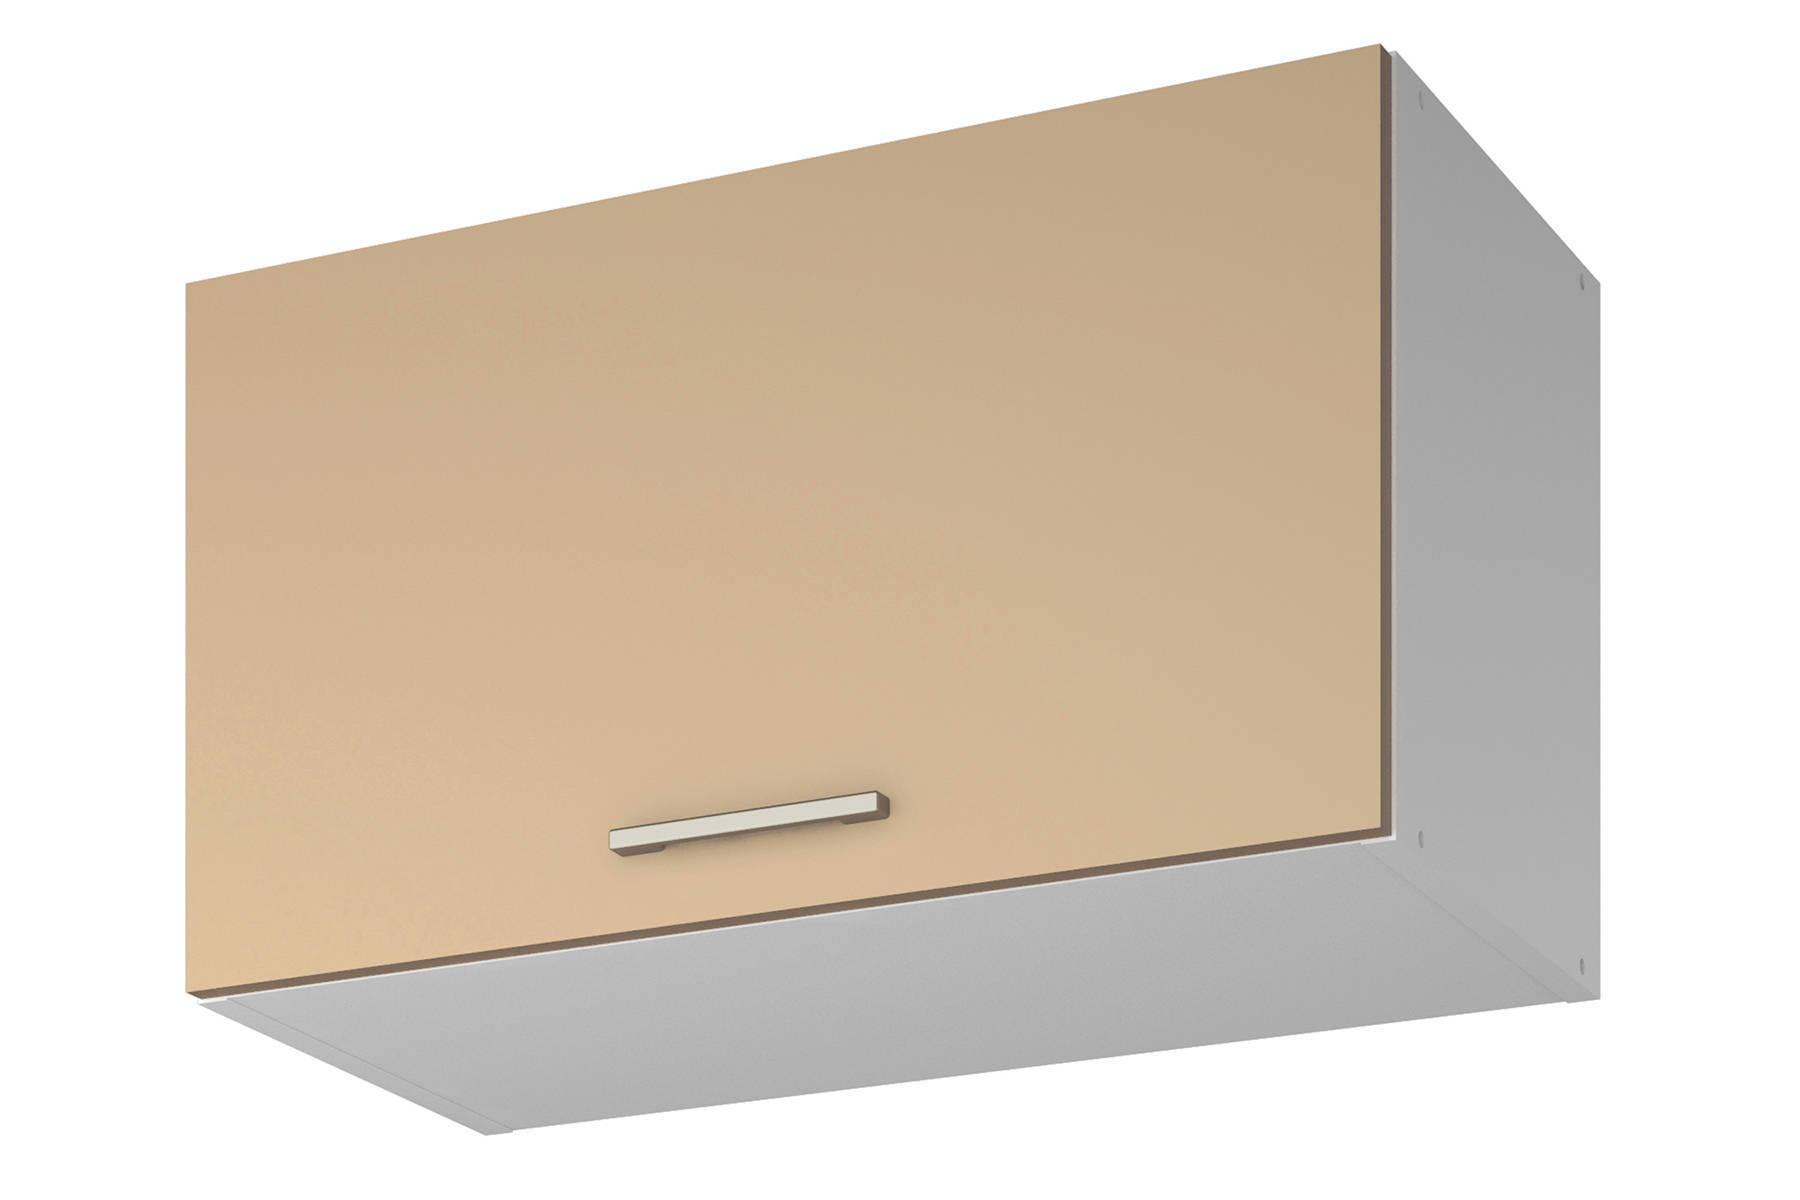 Шкаф навесной для вытяжки Argo СТЛ.345.04 шкаф навесной для вытяжки lima стл 308 04